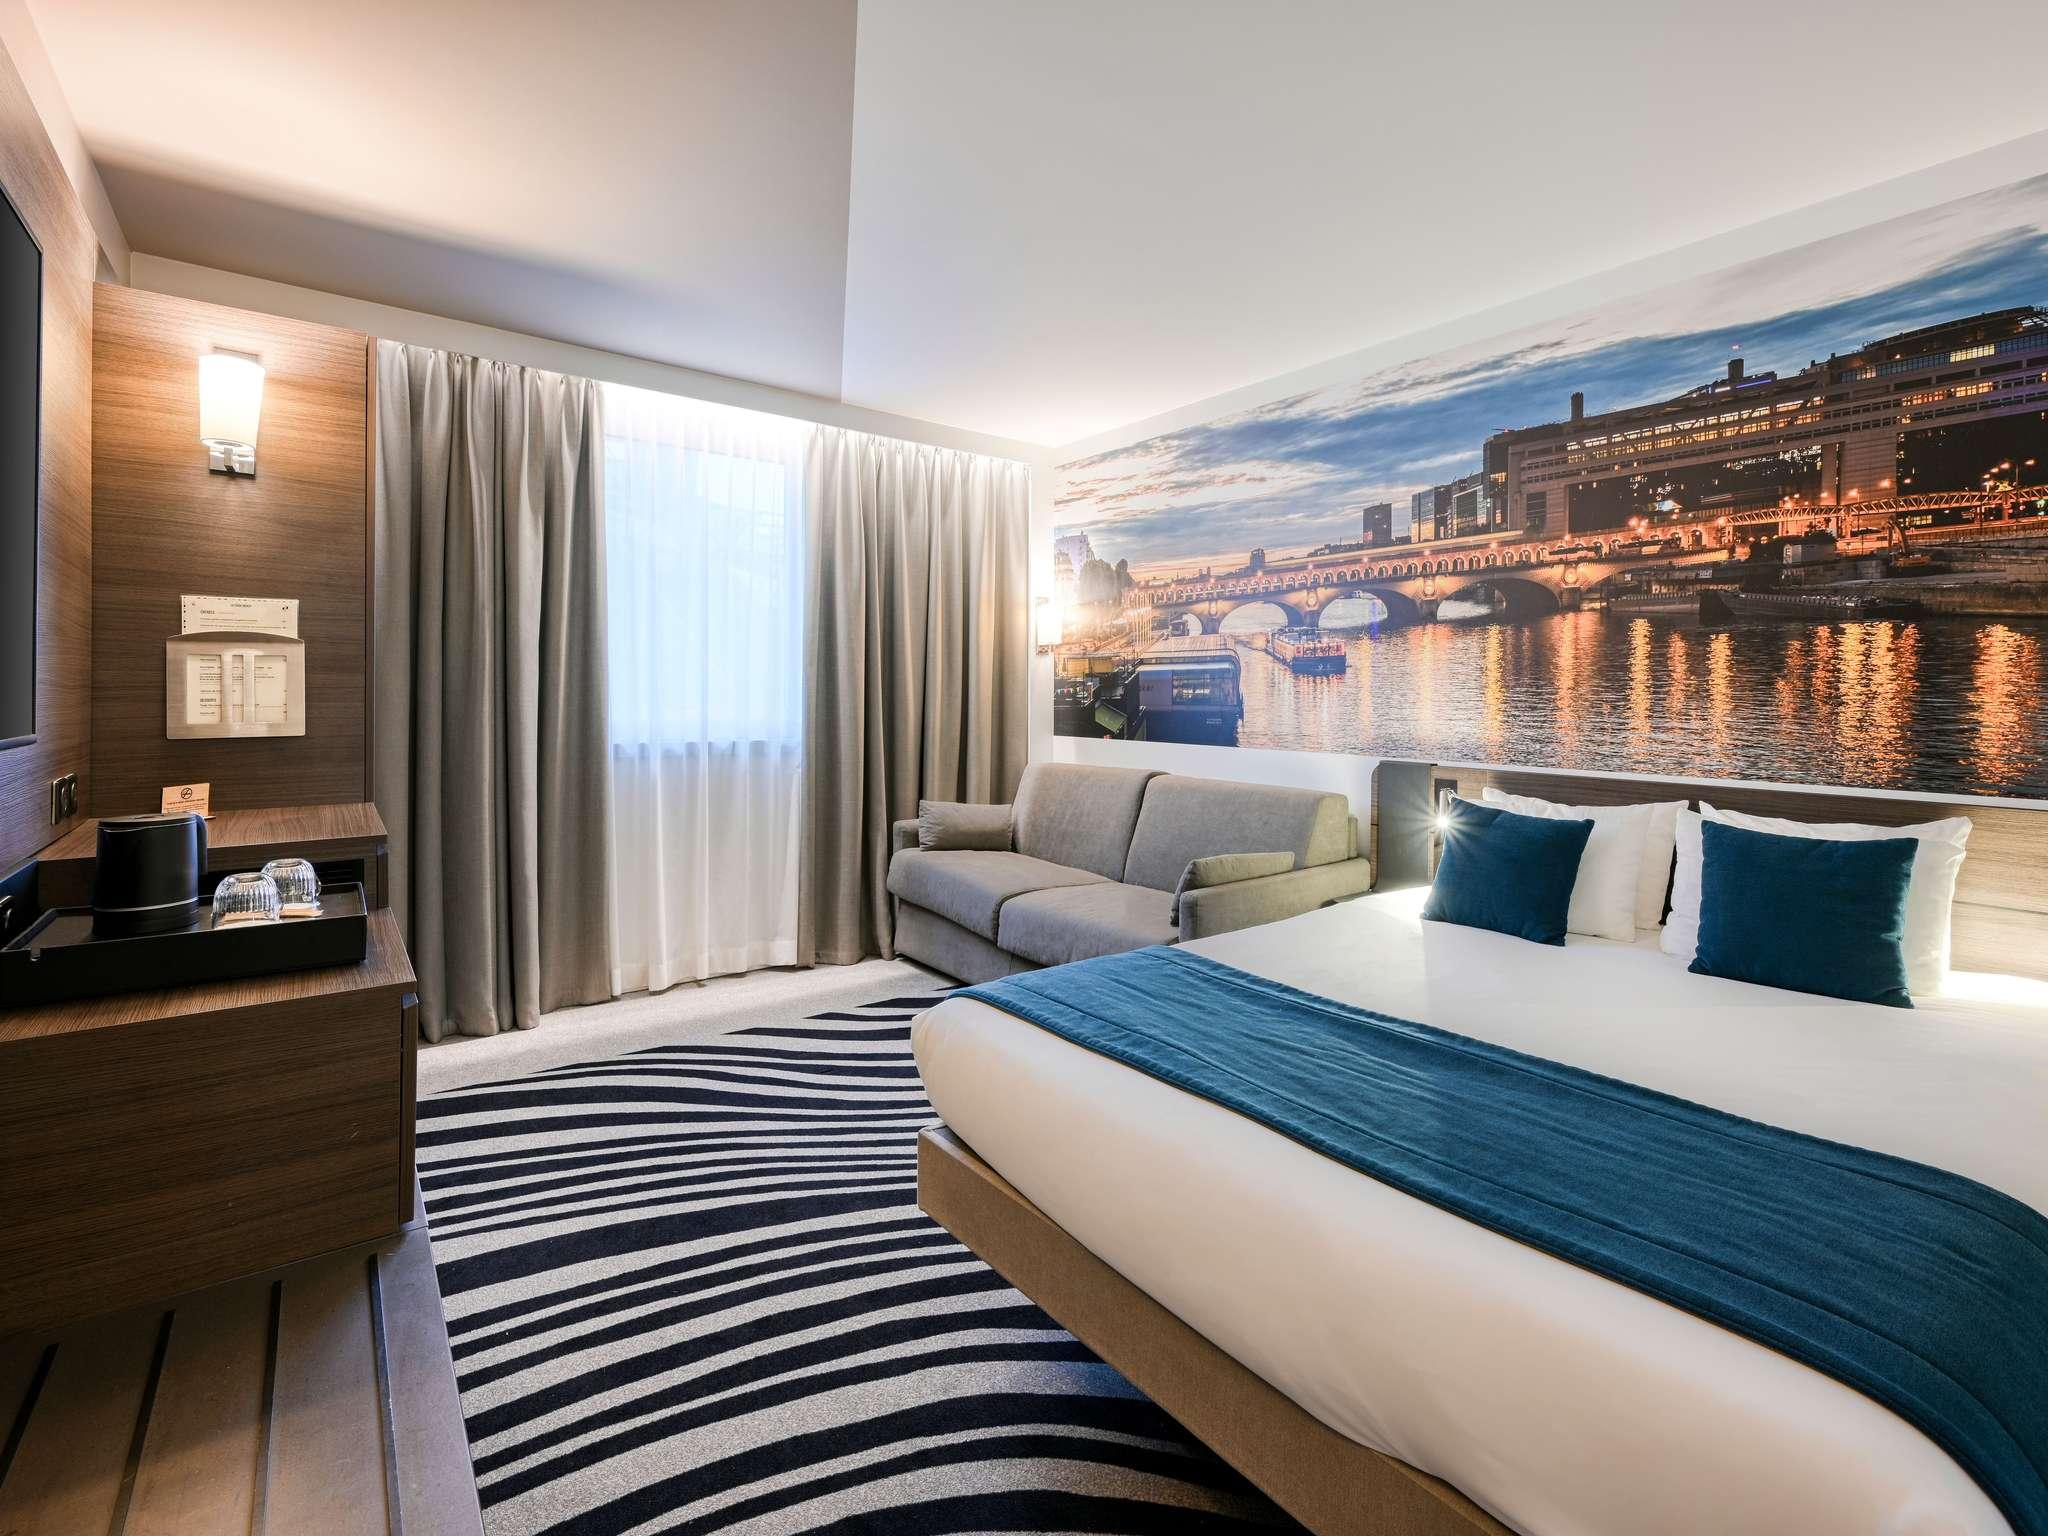 فندق - نوفوتيل Novotel باريس سنتر بيرسي